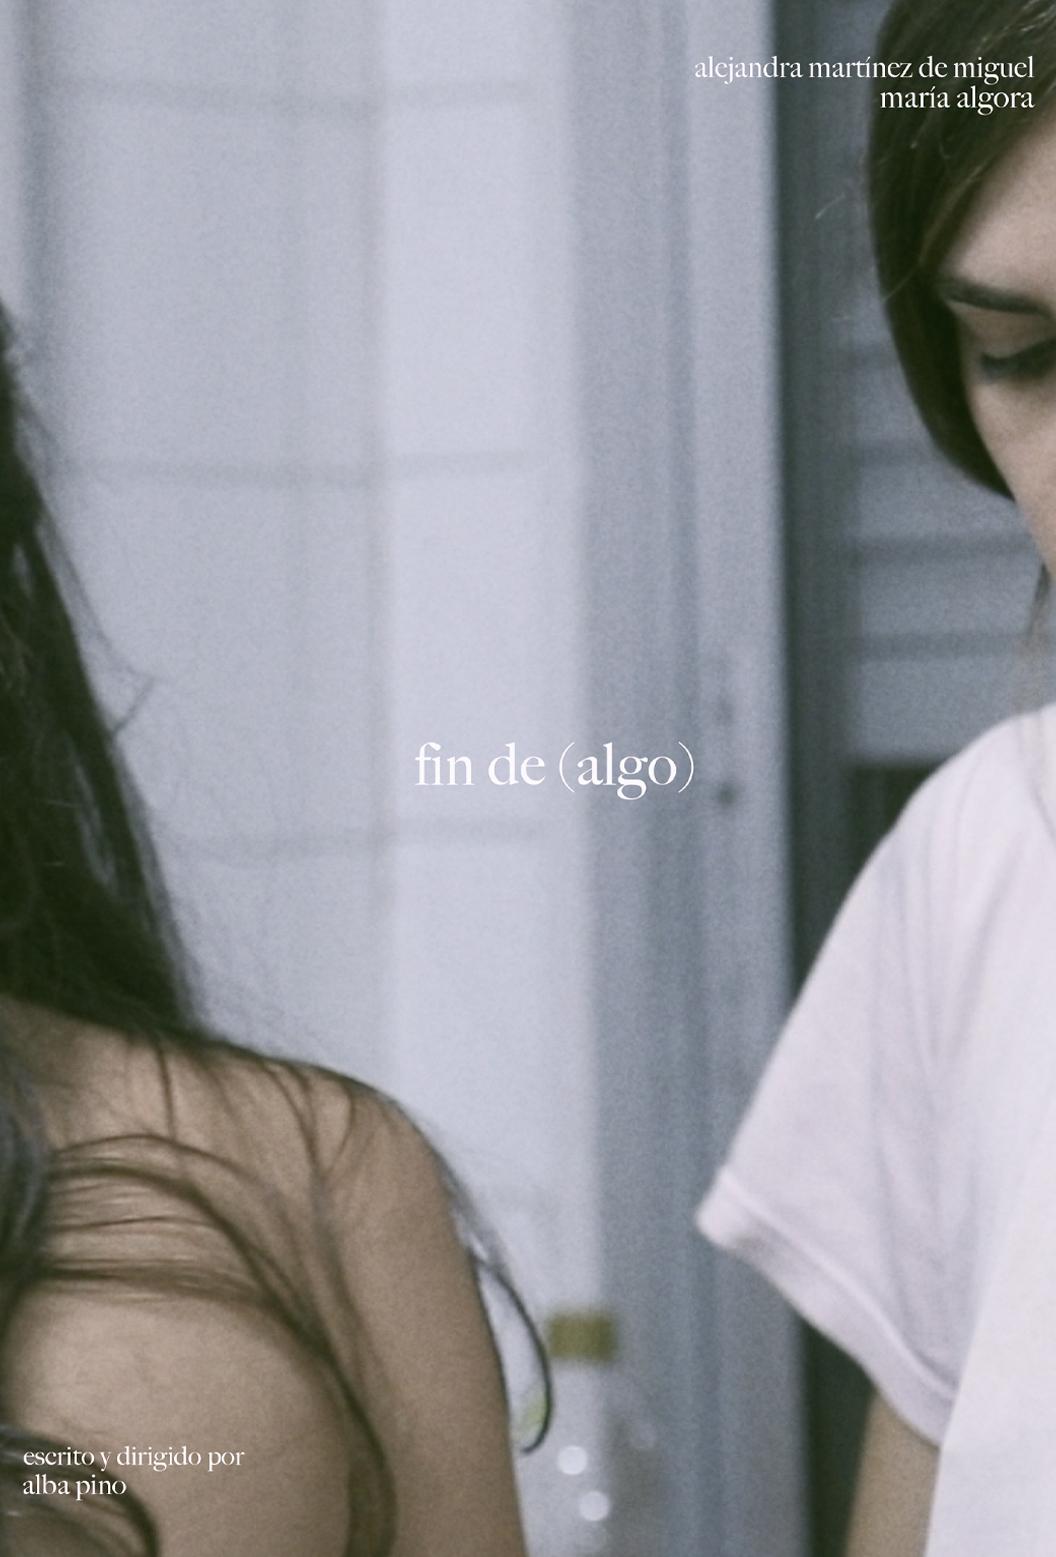 findealgo2